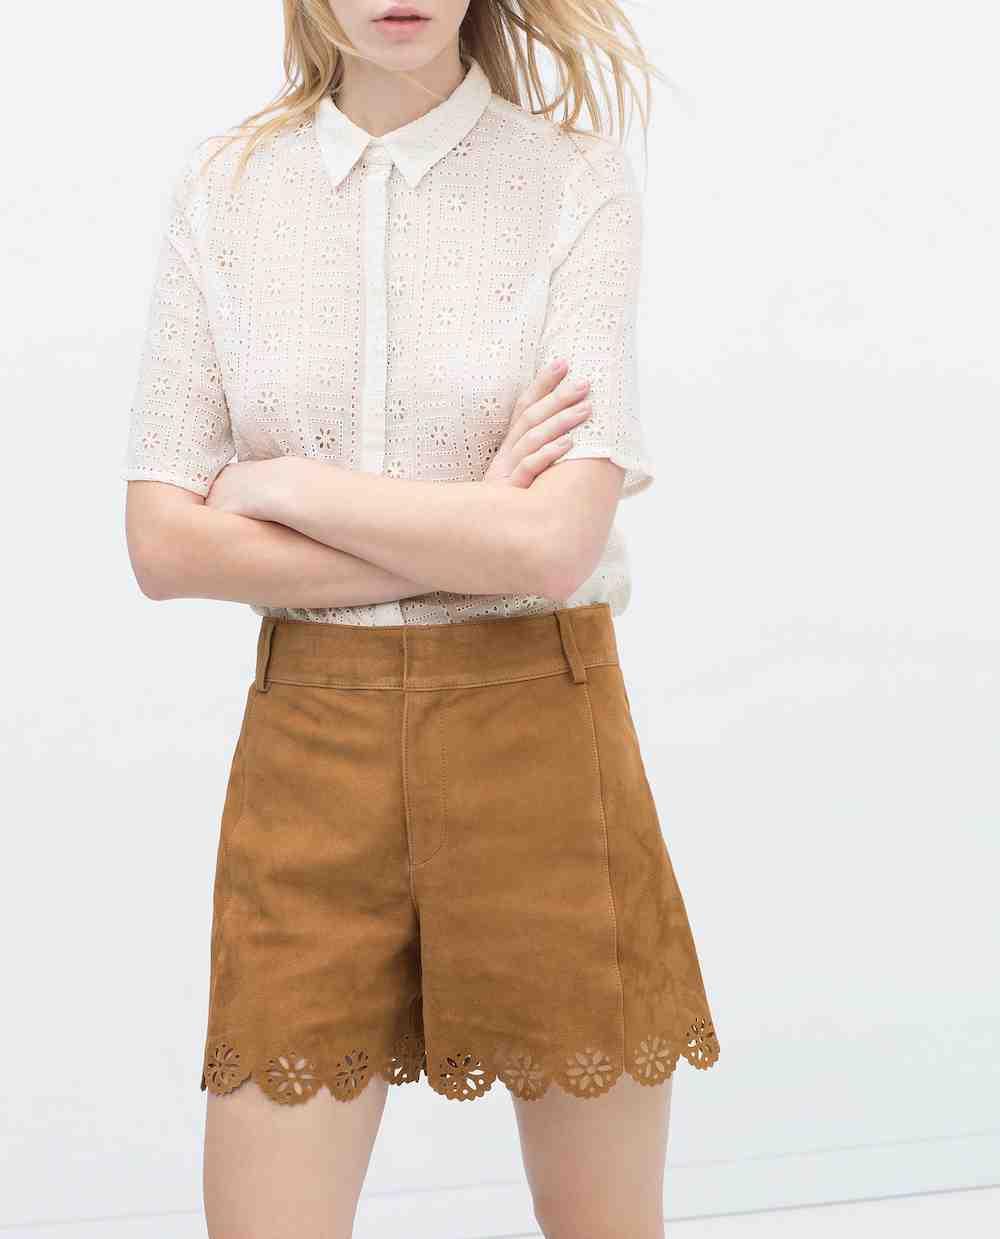 Zara - Short(70 €)